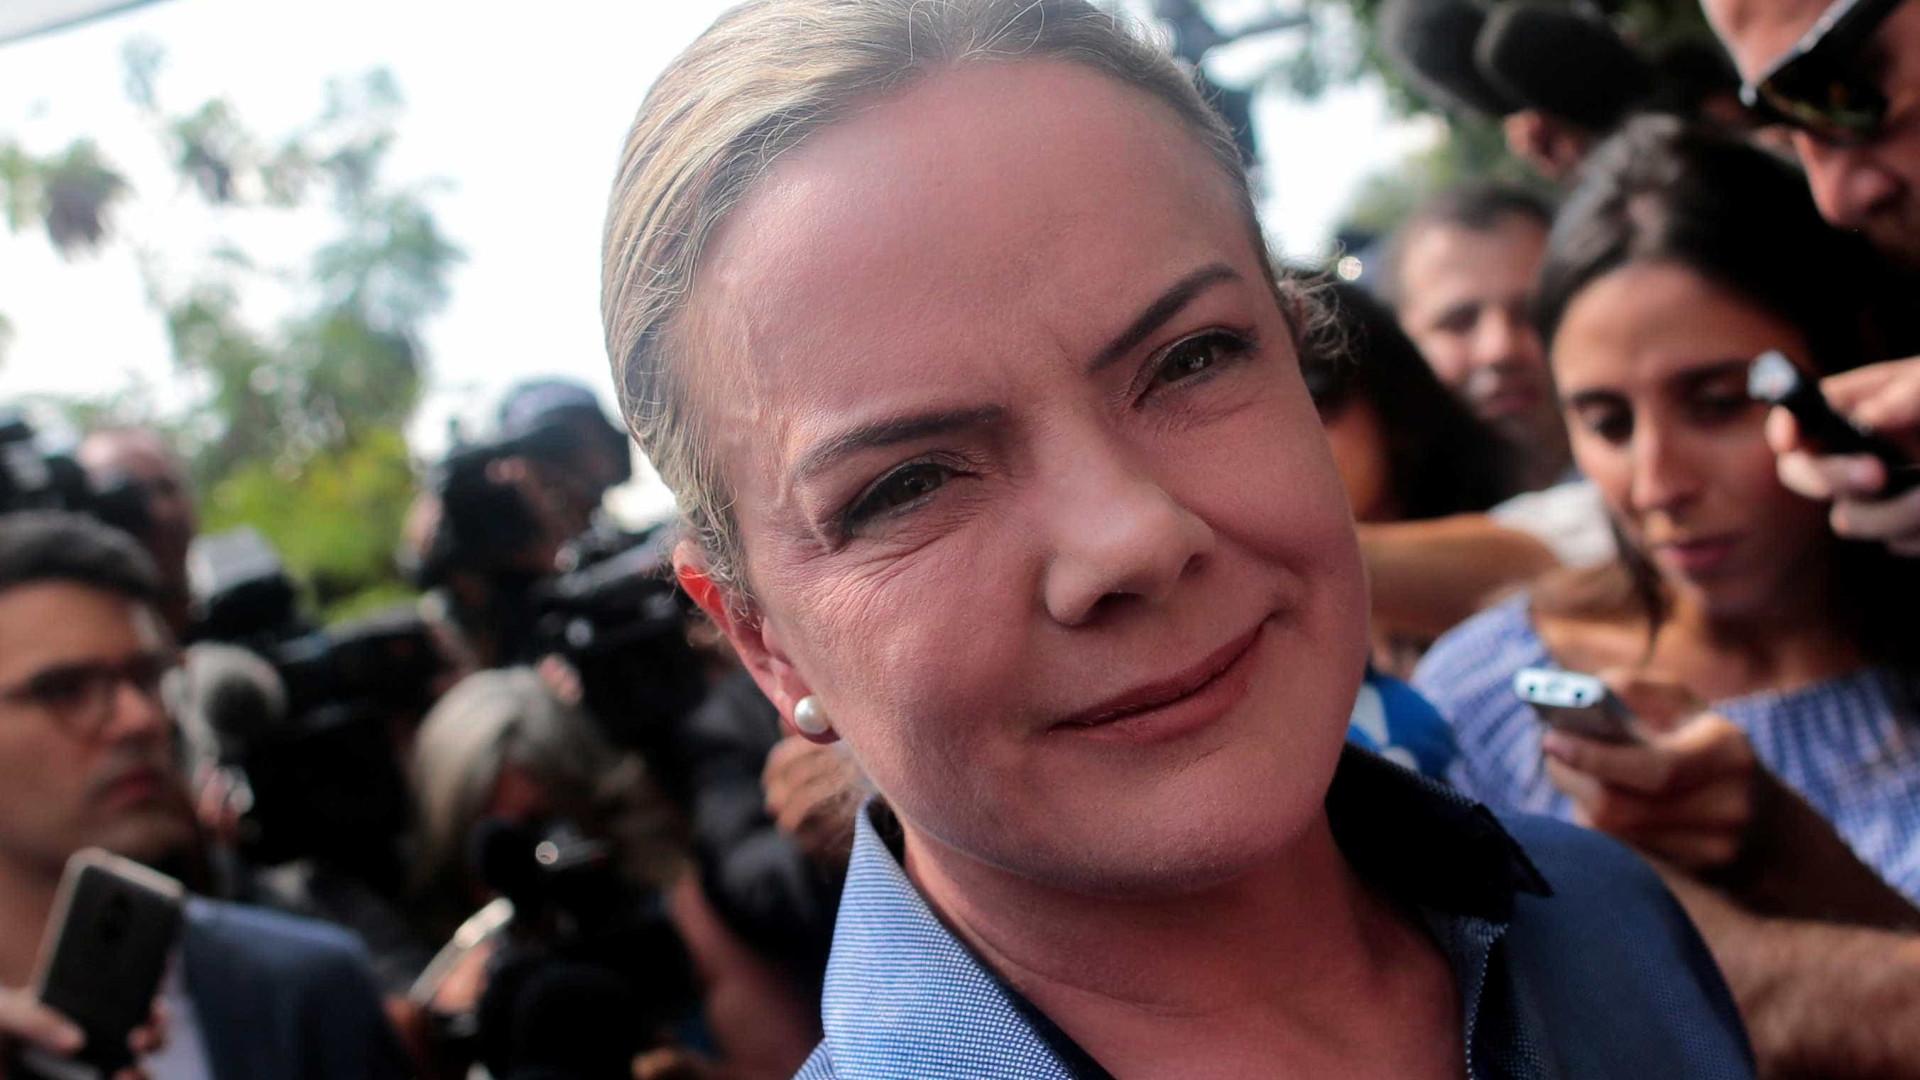 Gleisi vê 'motim judicial' após condenação e aumento da pena de Lula